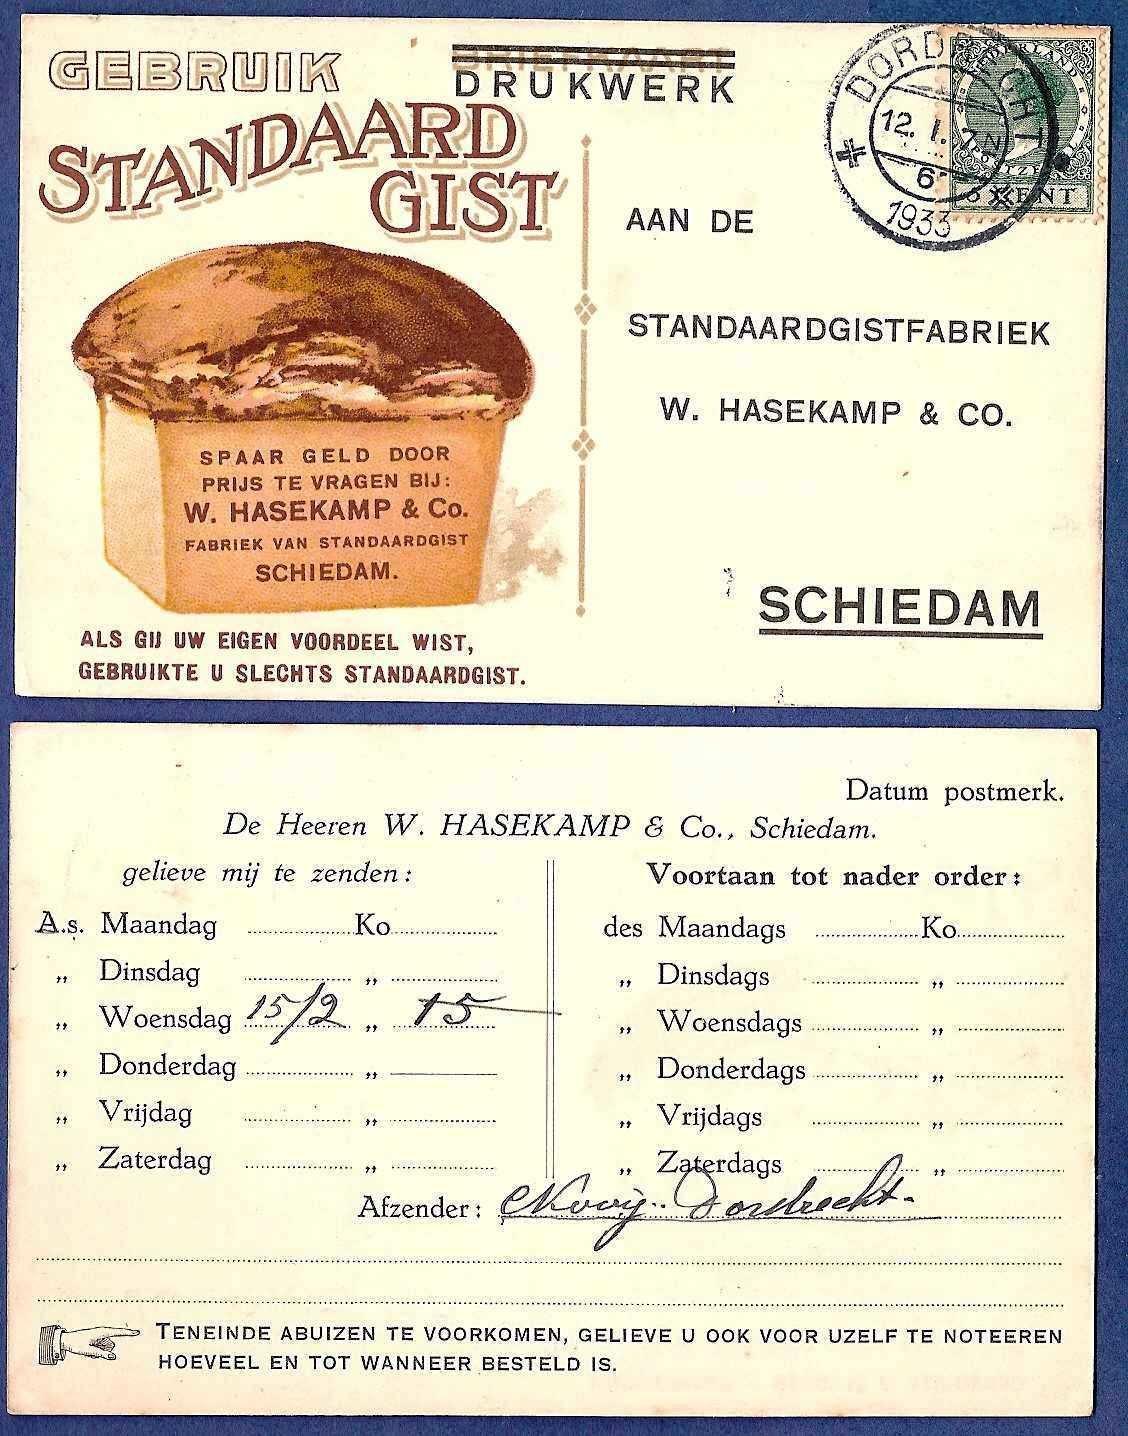 NEDERLAND drukwerk 1933 Dordrecht naar Schiedam brood reclame